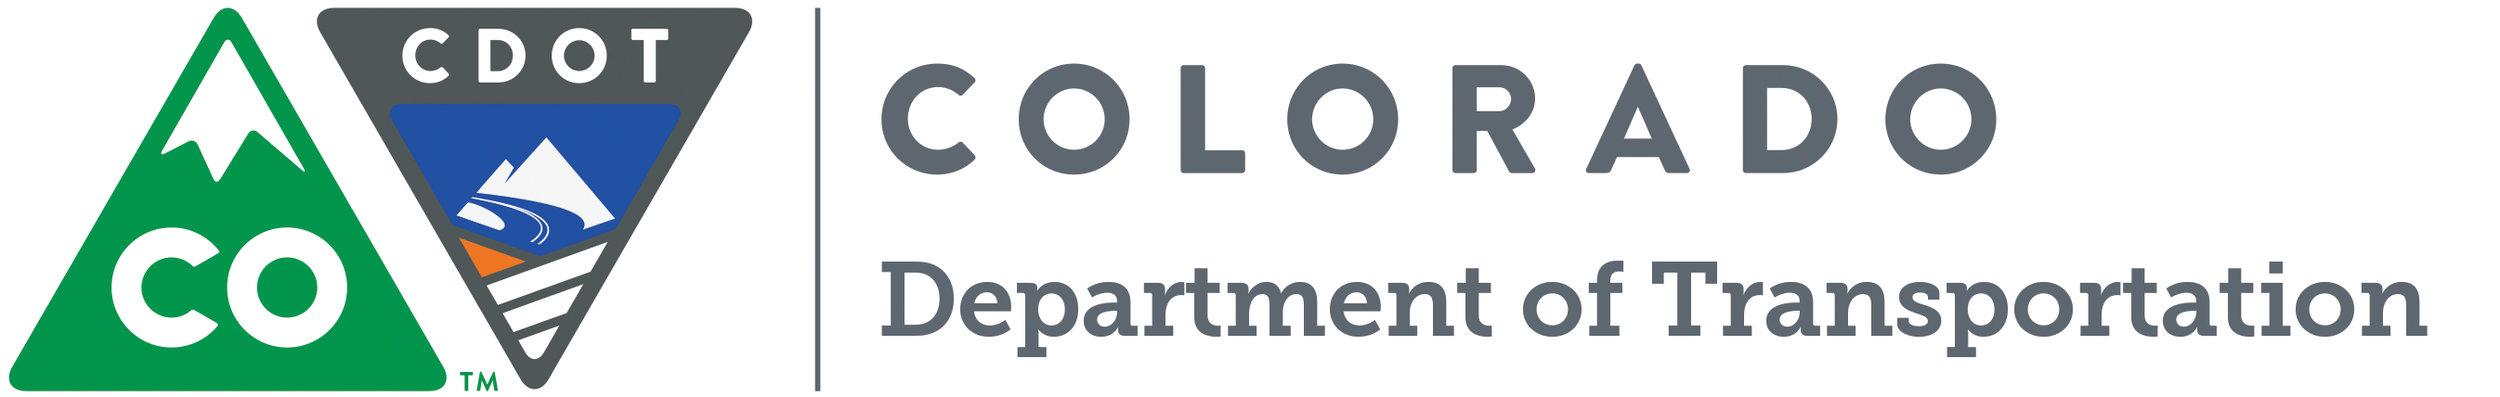 CDOT-Logo2.jpg